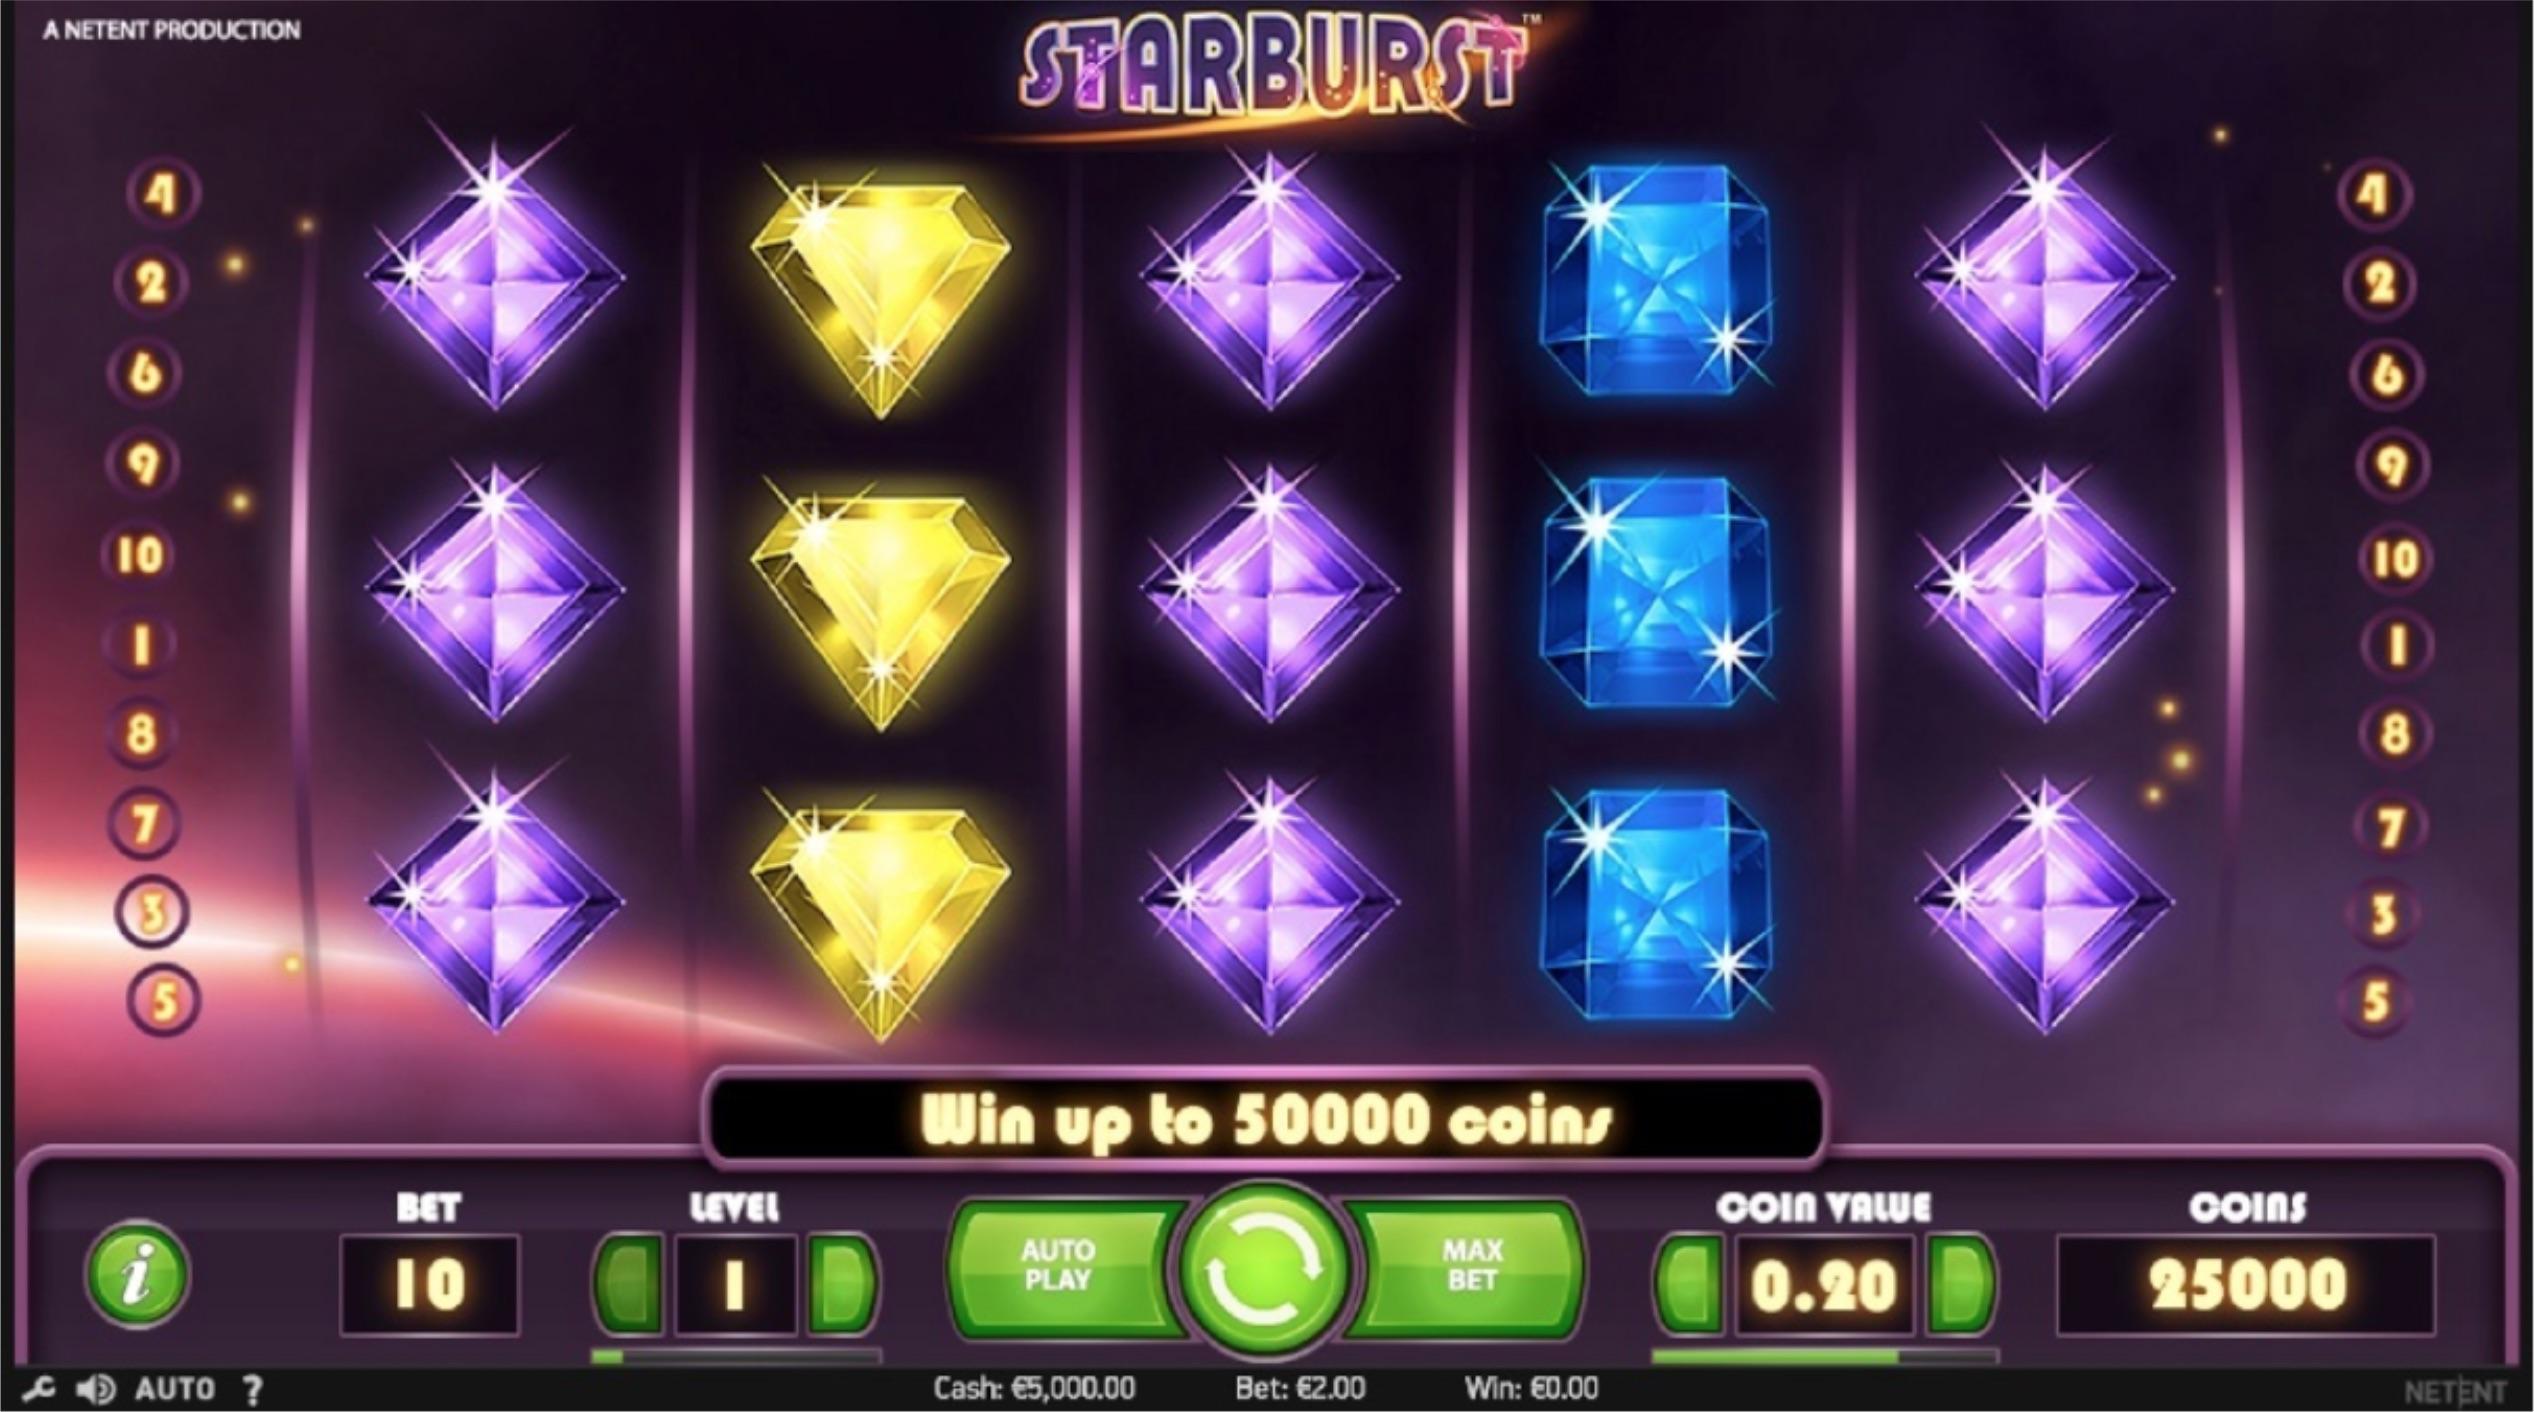 Starburst_online casino slot_5 eilės